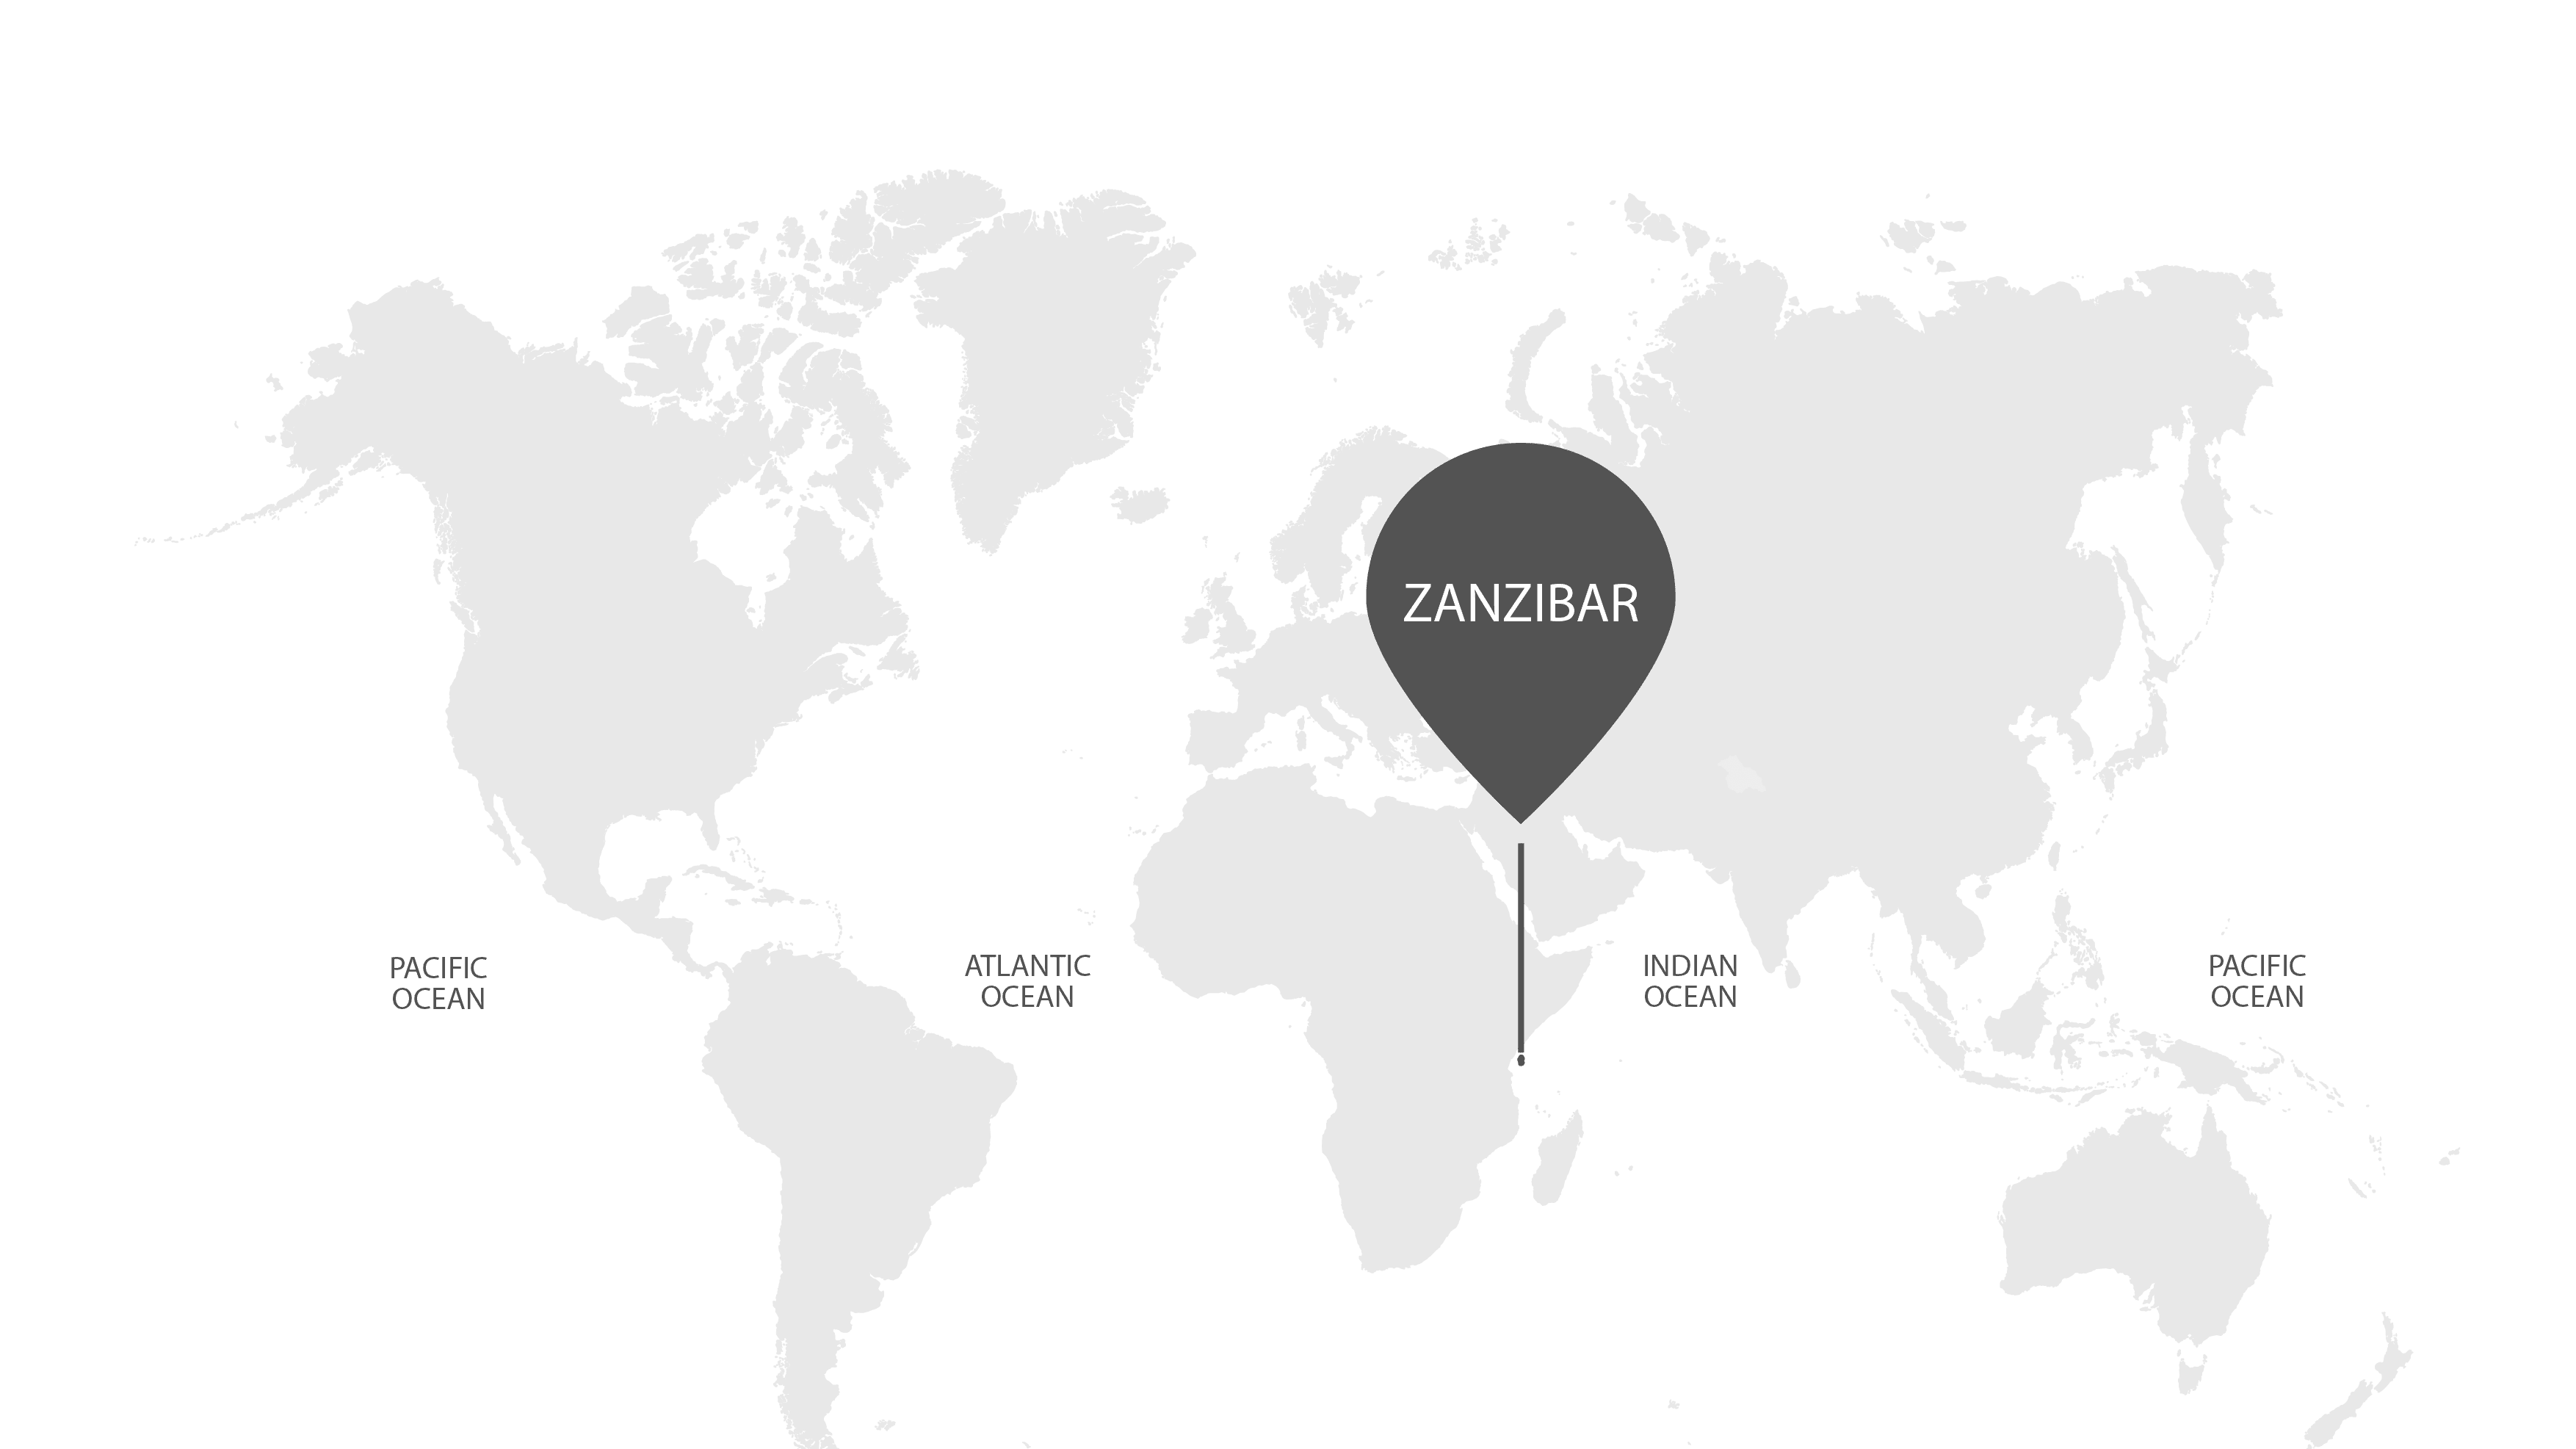 World map for zanzibar xu9piv